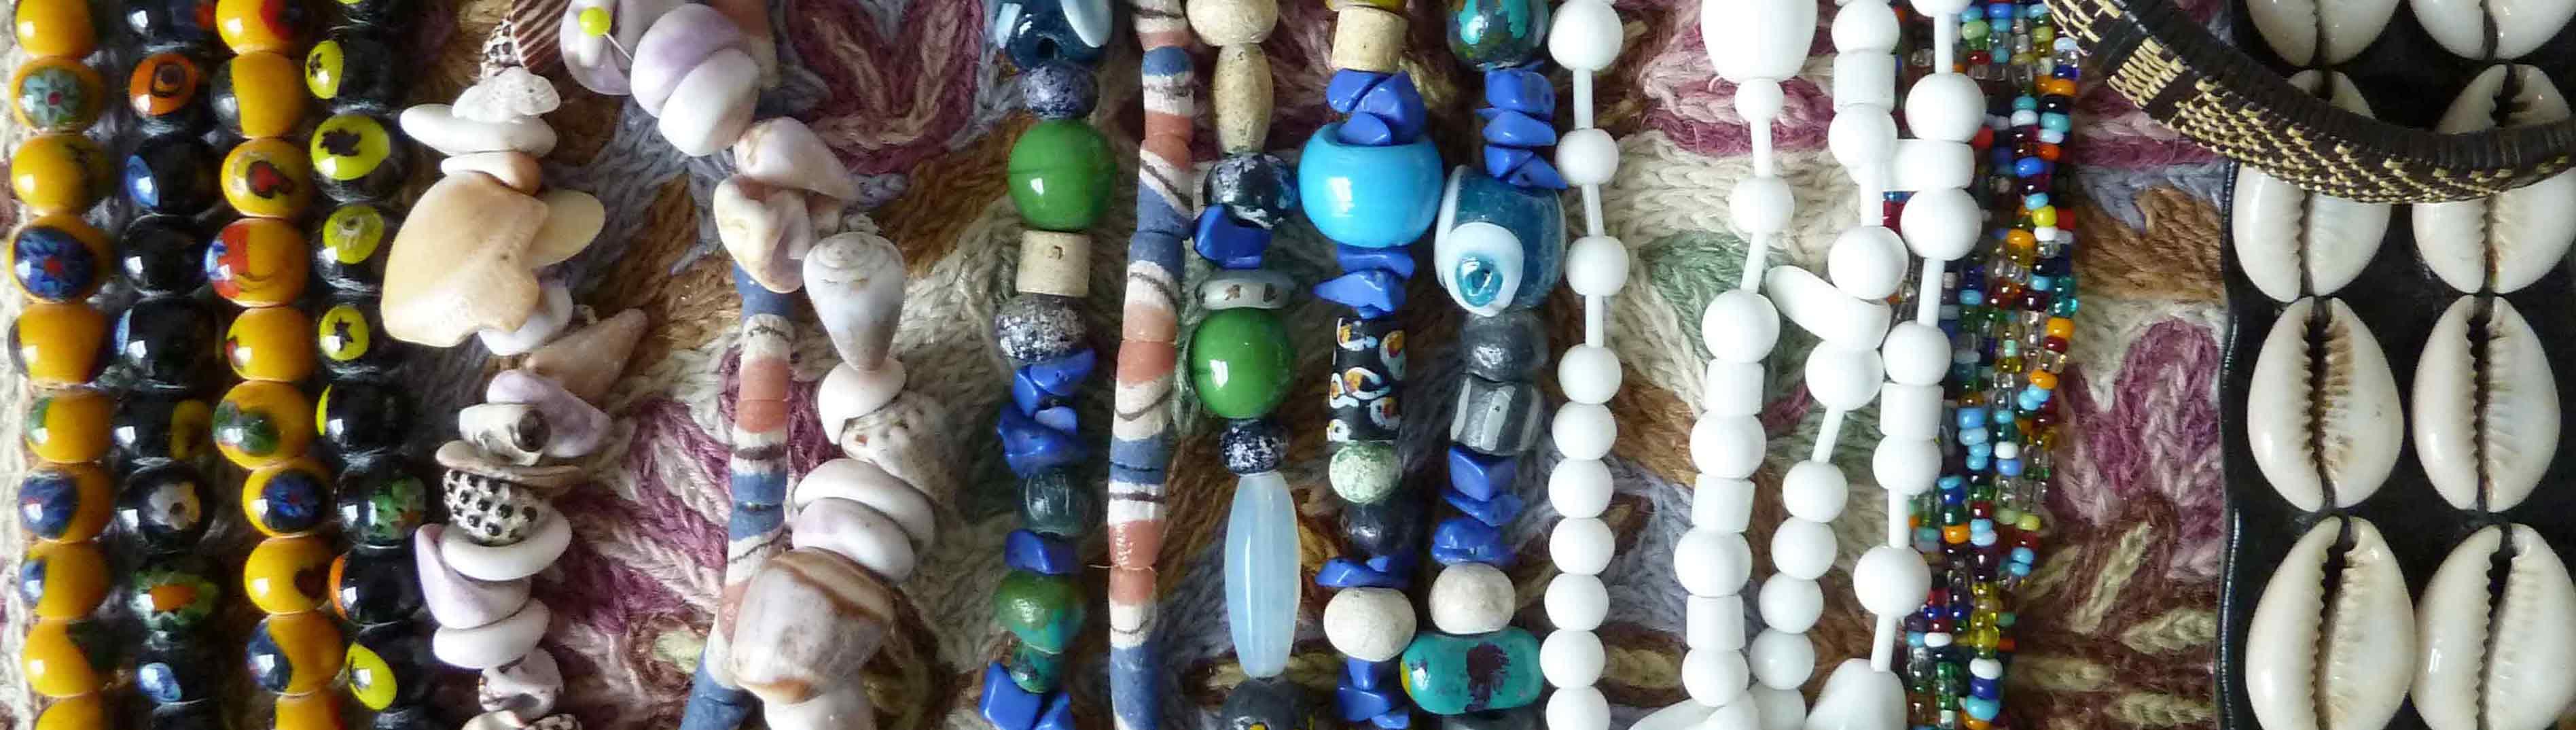 Schmuck aus Perlen, Glasperlenketten aus aller Welt